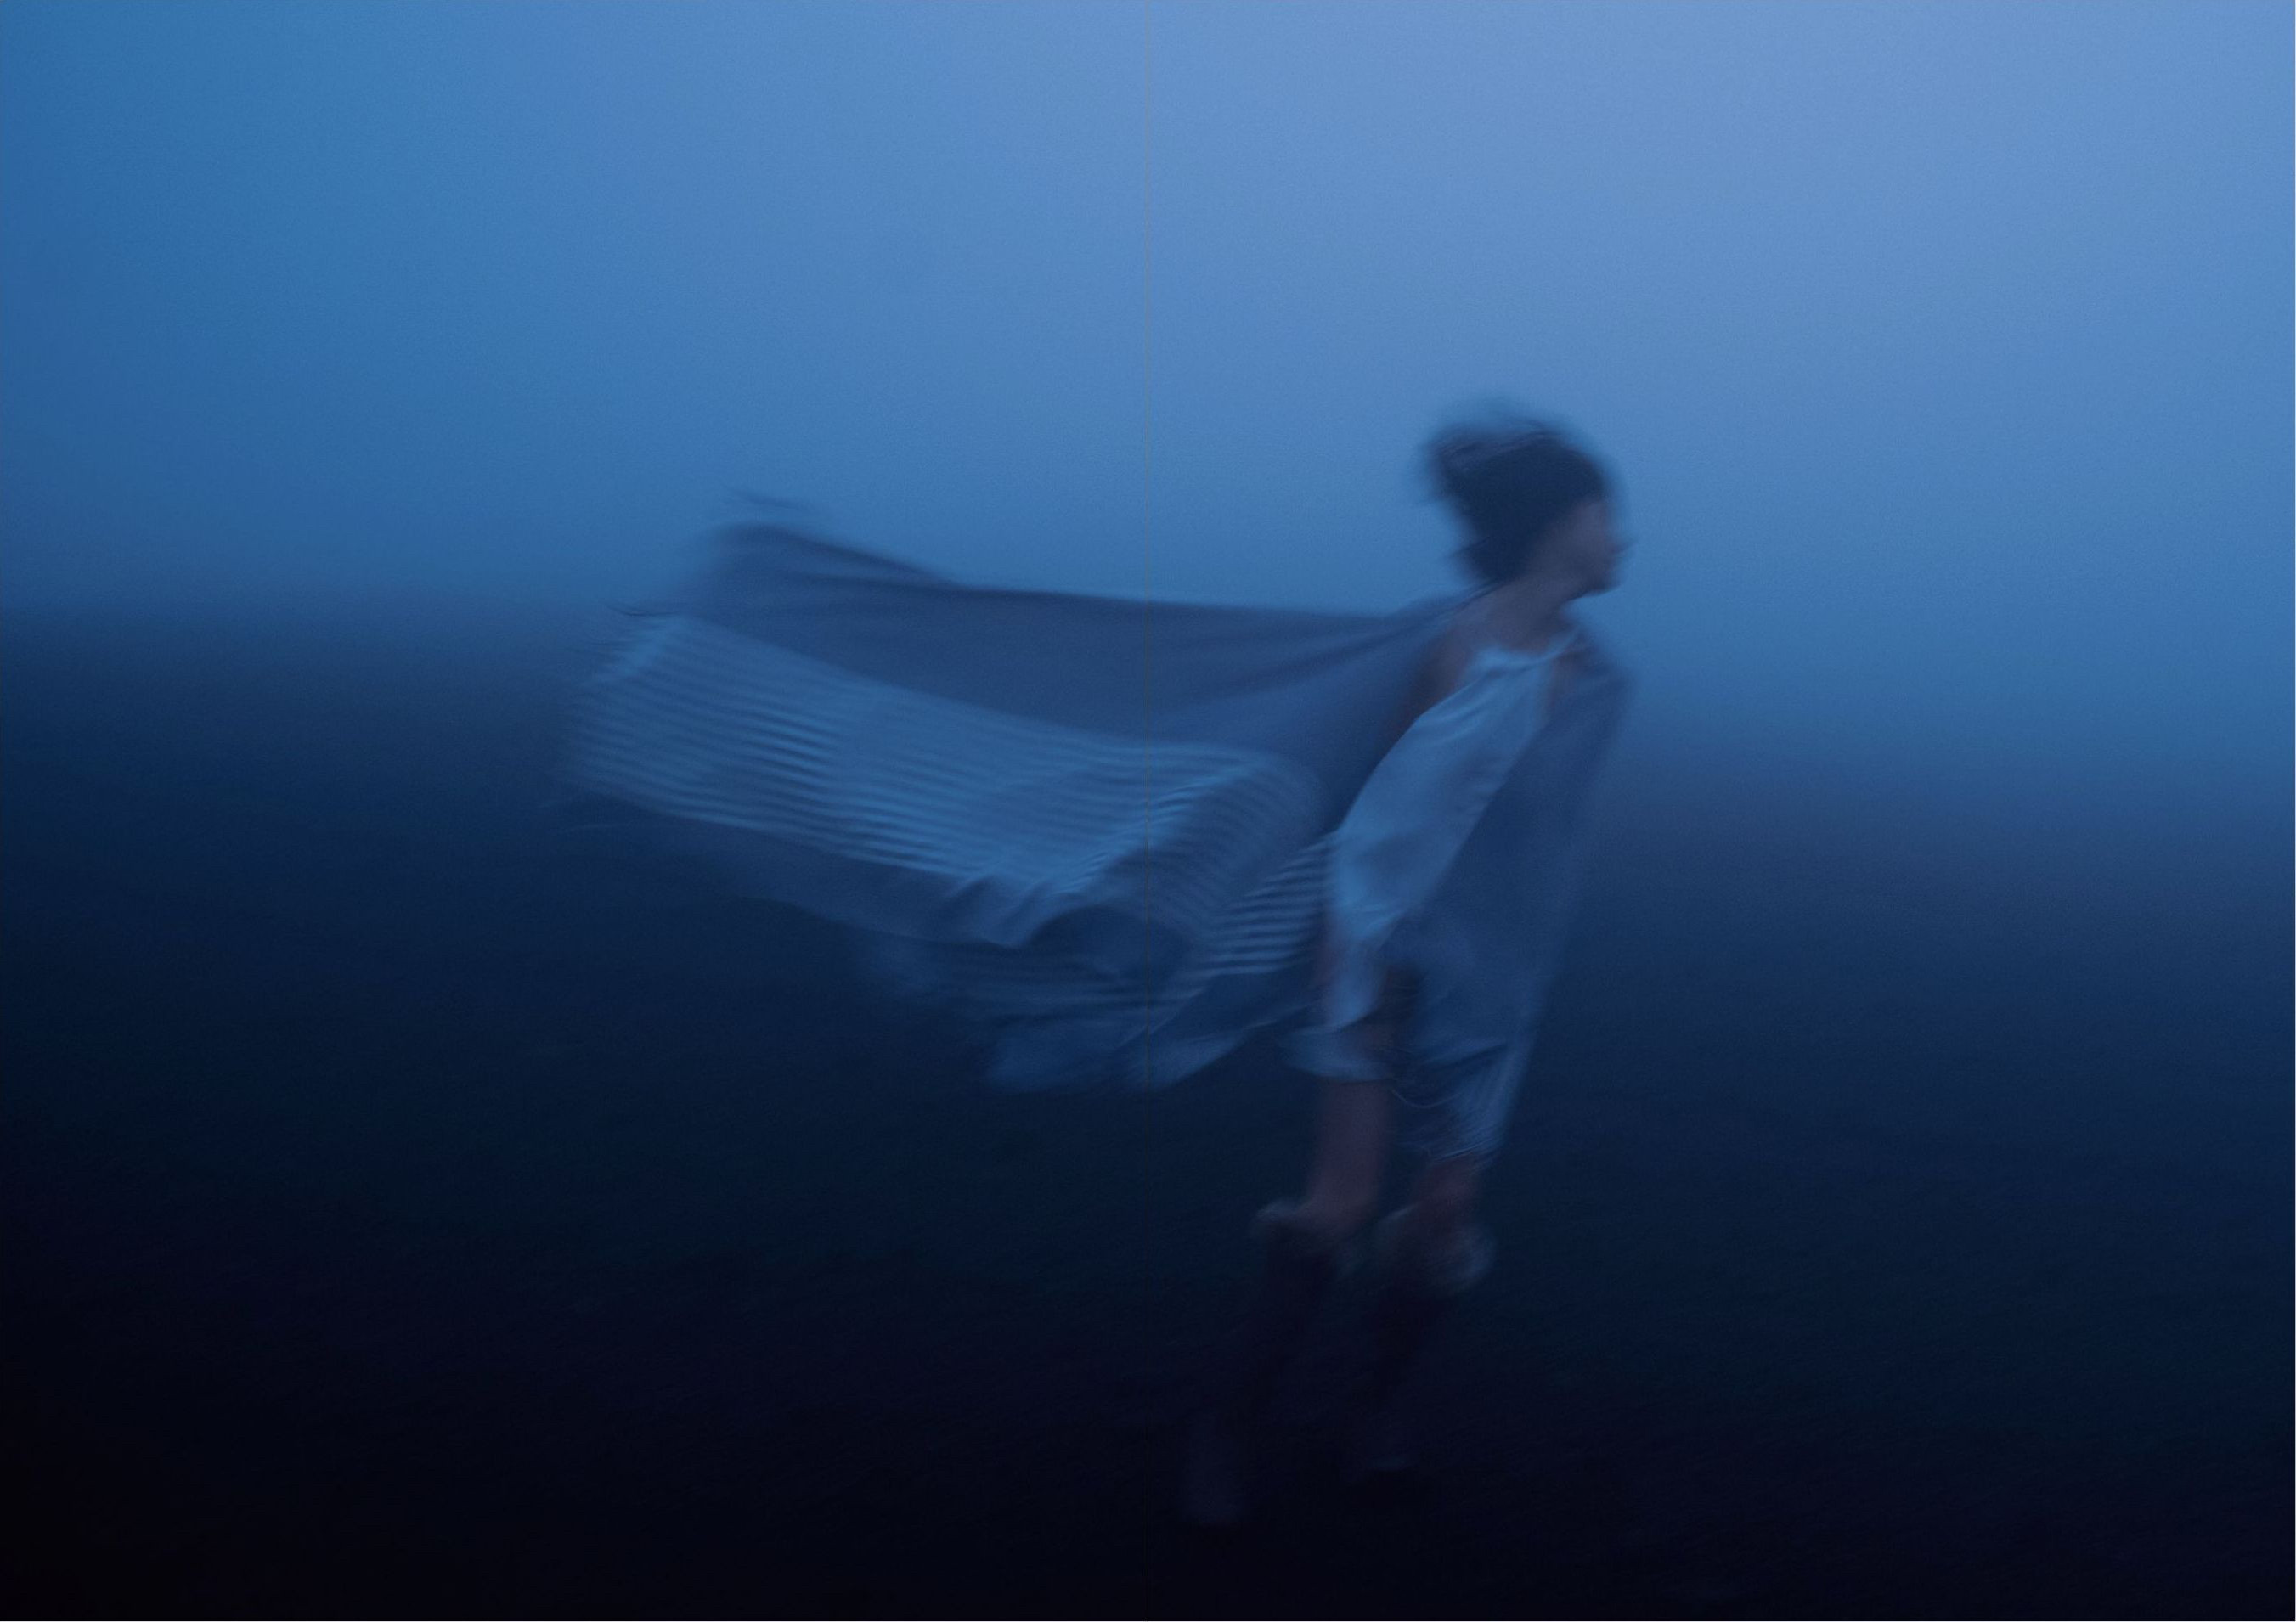 芳野友美ファースト写真集『或る女』075